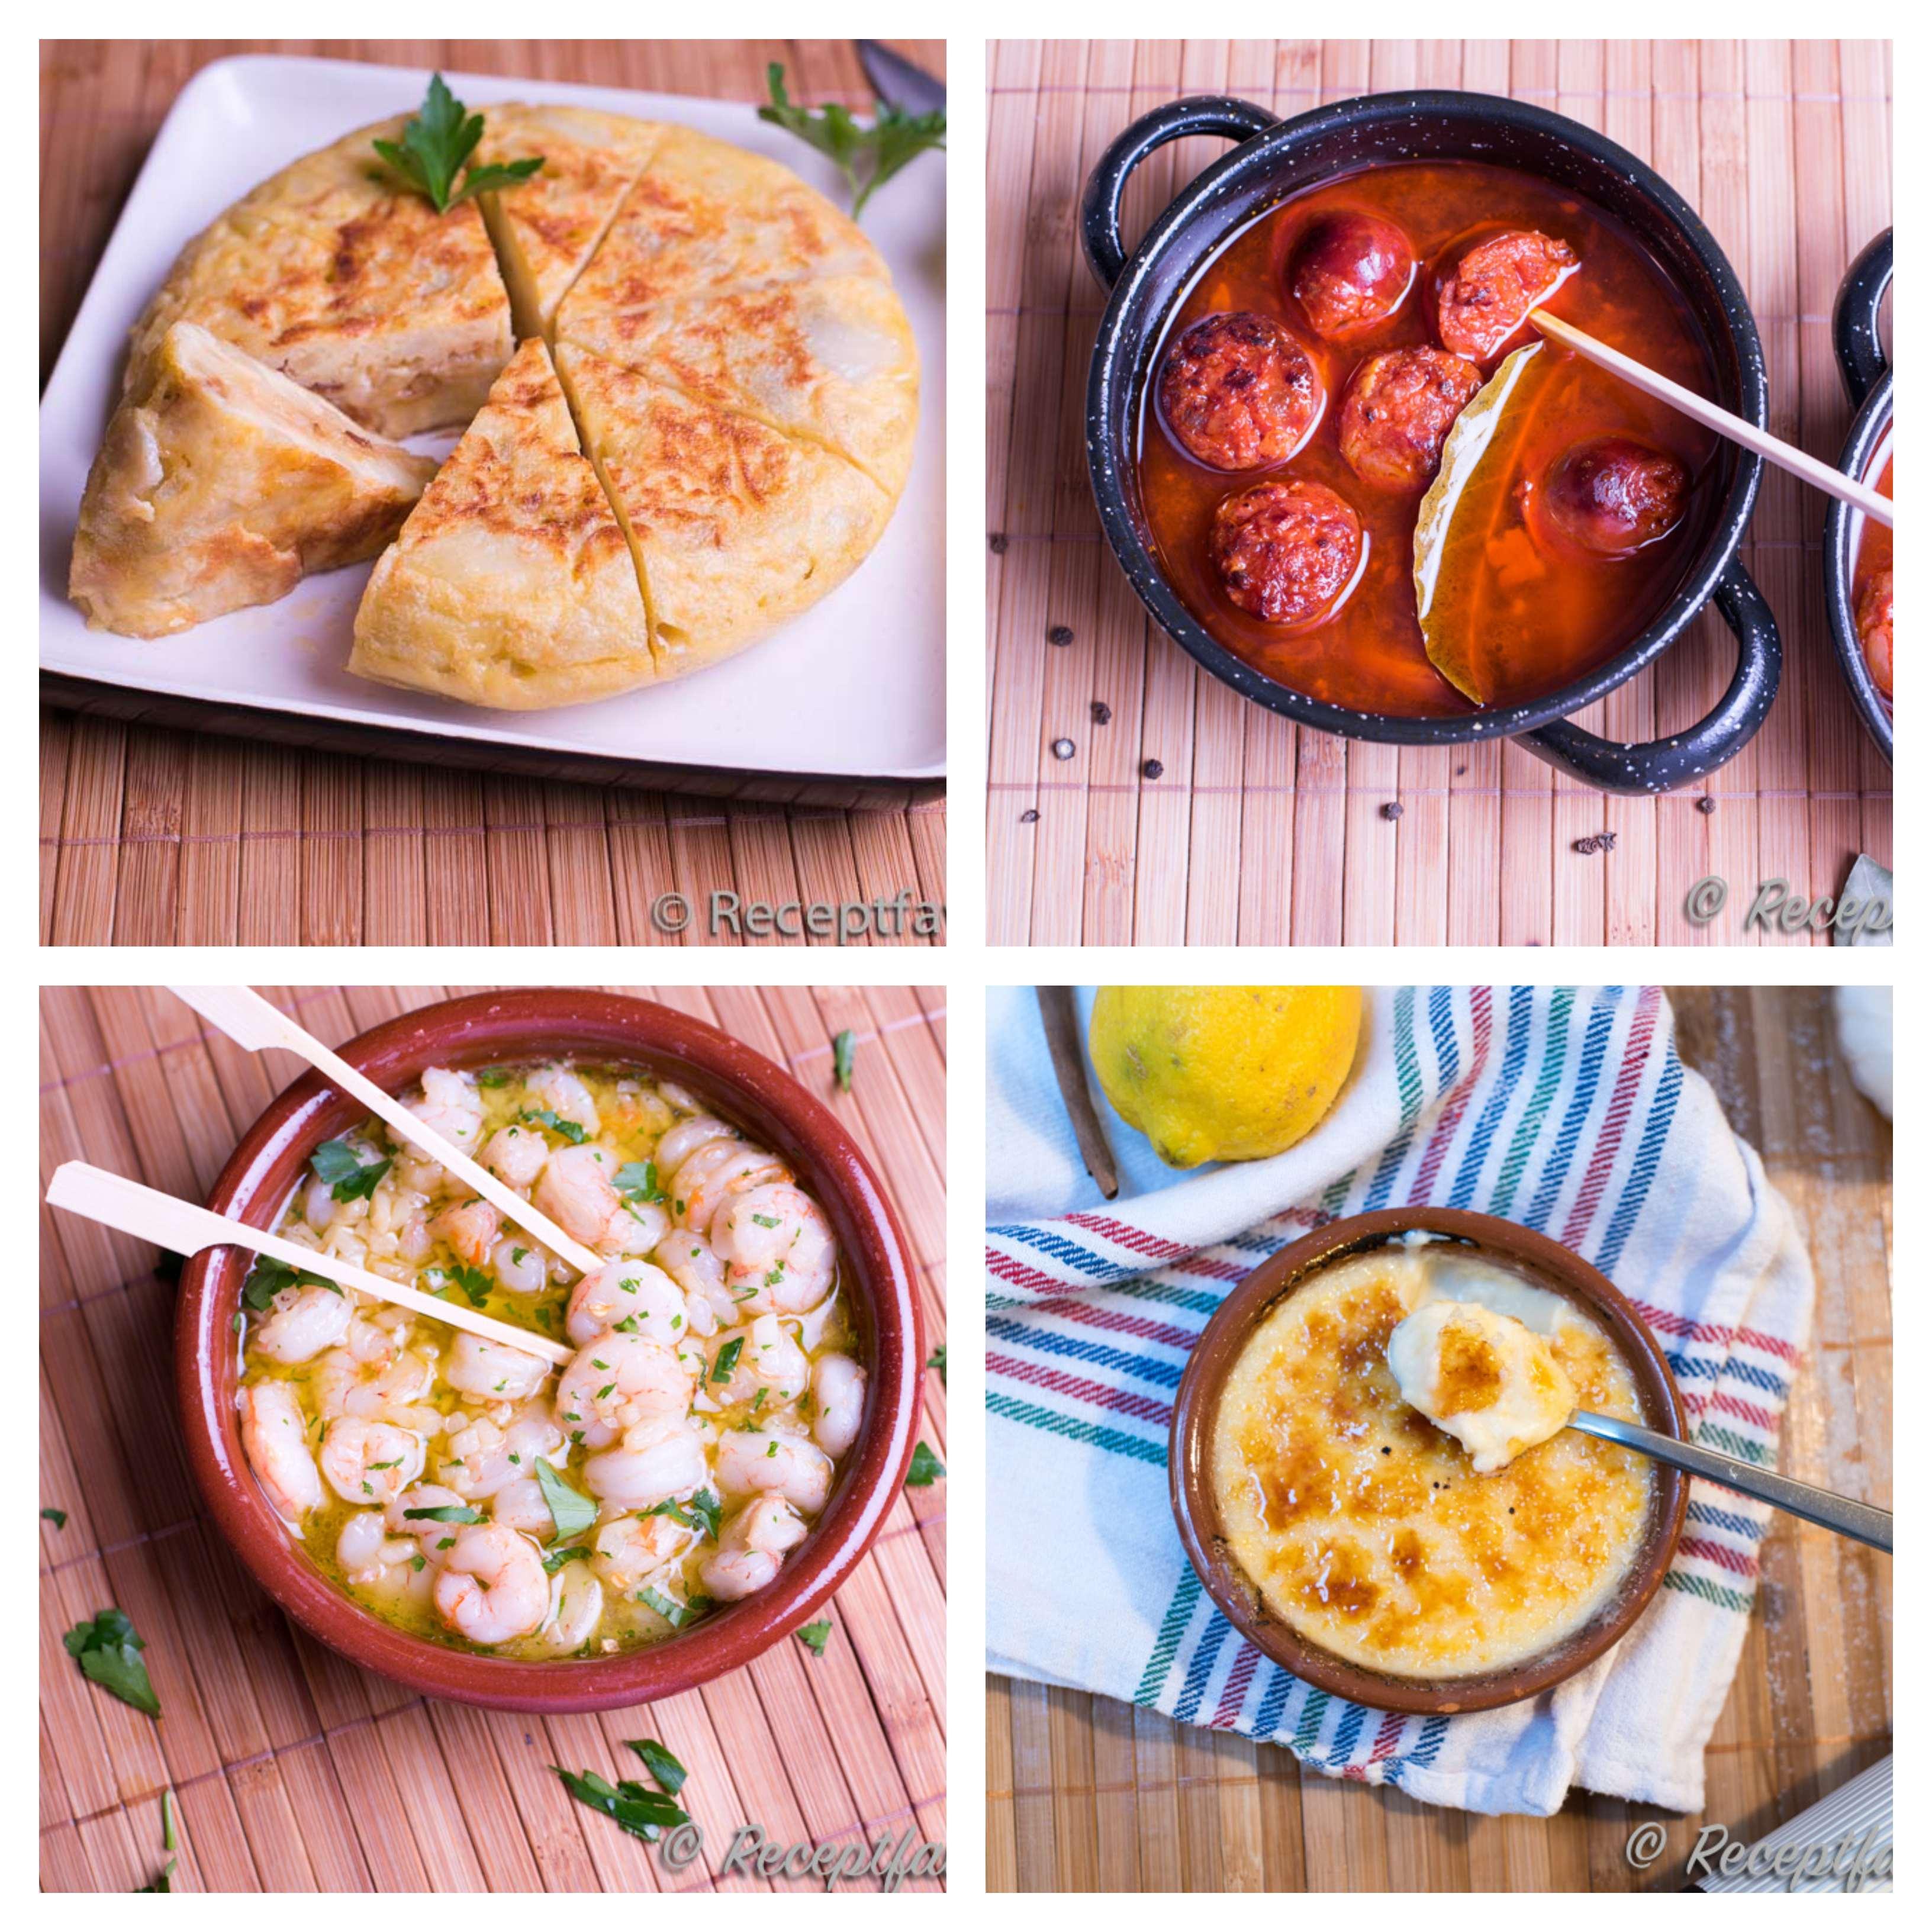 Tapas med tortilla de patatas - potatisomelett, gambas al ajillo - vitlöksräkor, chorizo al cidra - råkorv chorizo i cider samt crema catalana.